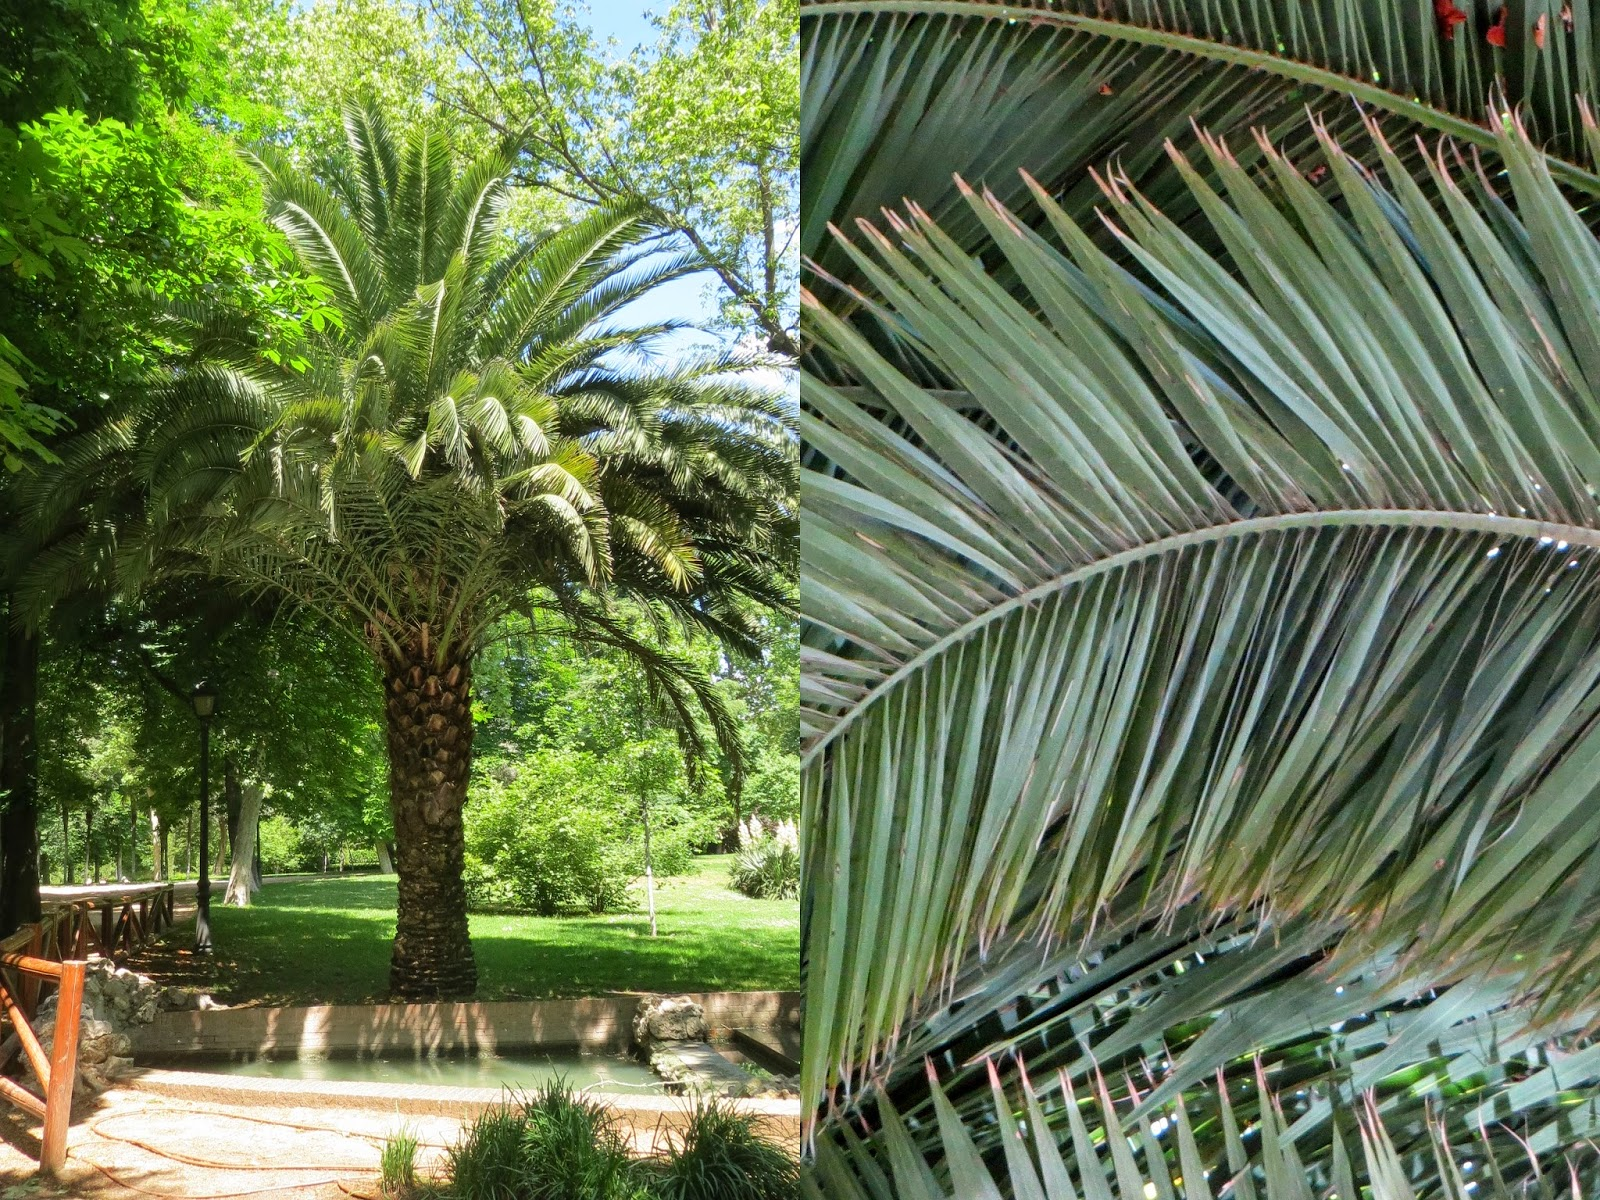 Parque del Retiro. Madrid. Olmo / Elm-tree